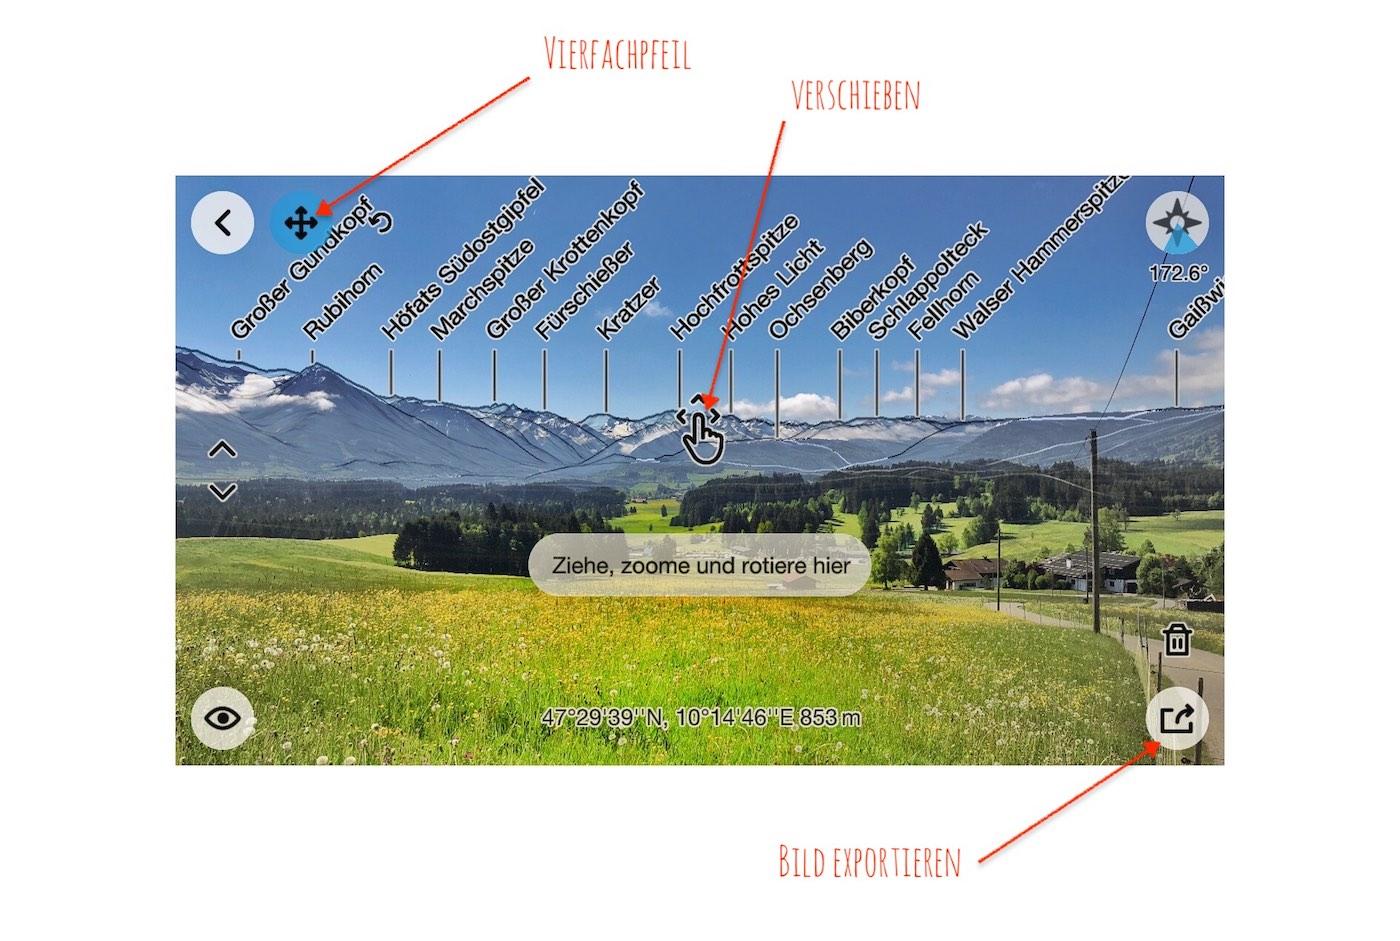 Bilder in der PeakFinder App bearbeiten